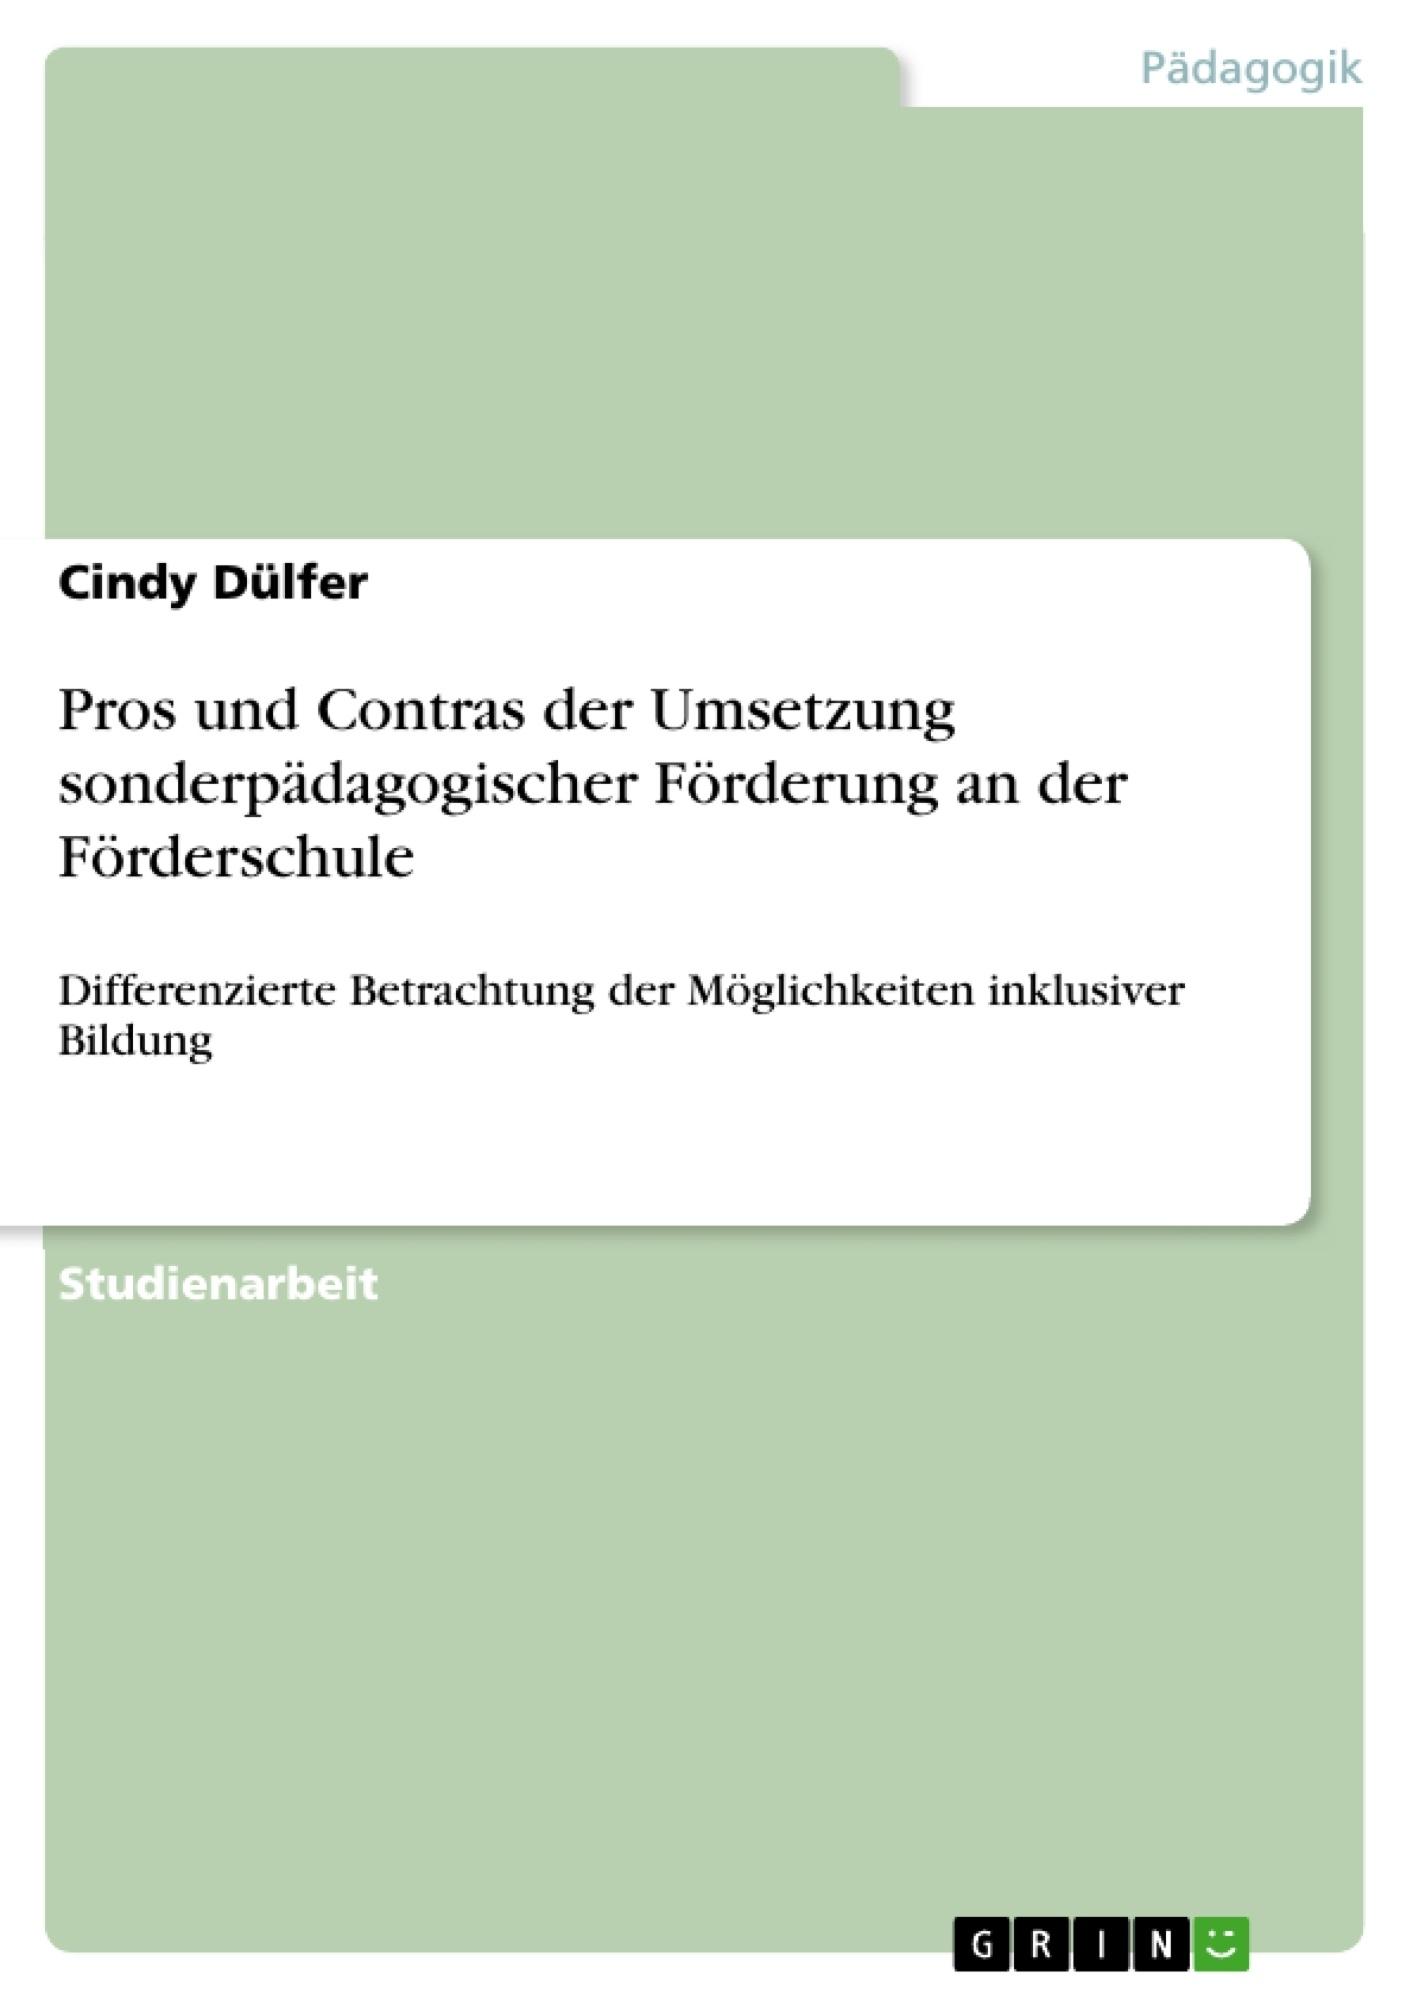 Titel: Pros und Contras der Umsetzung sonderpädagogischer Förderung an der Förderschule